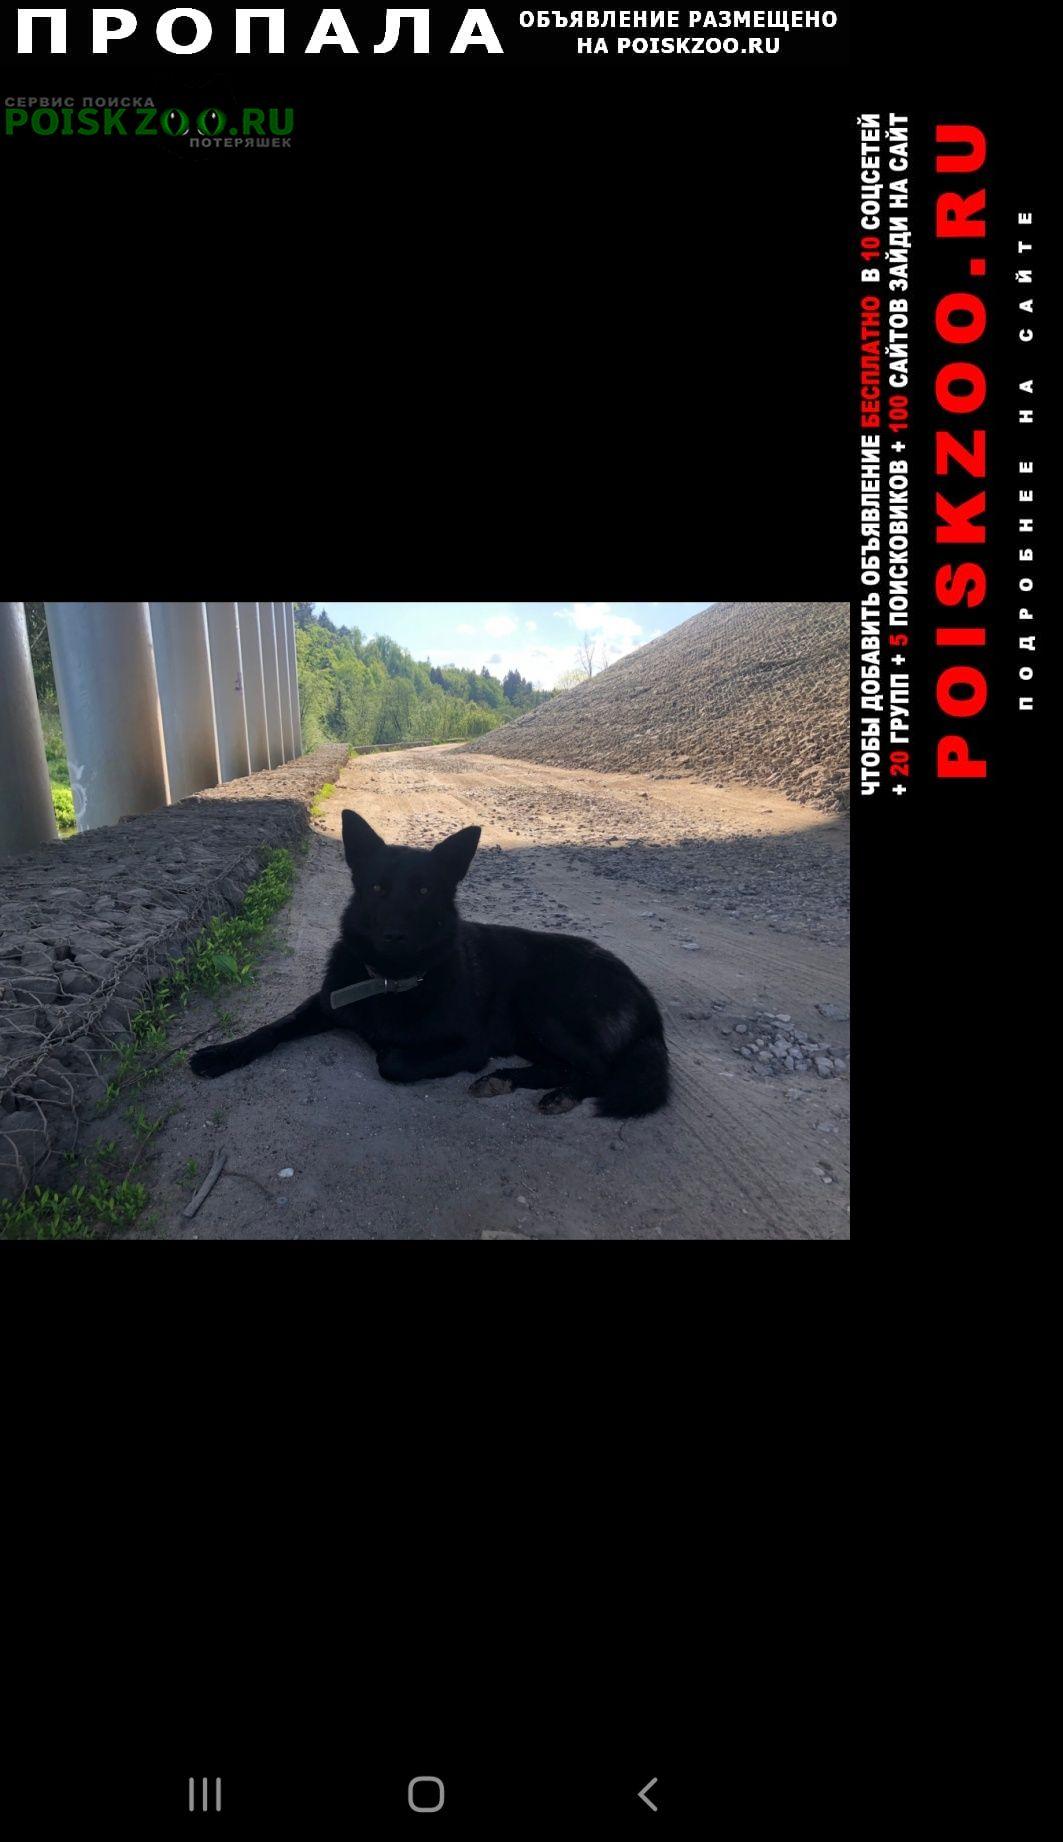 Пропала собака кобель пес по кличке чак Зеленоград